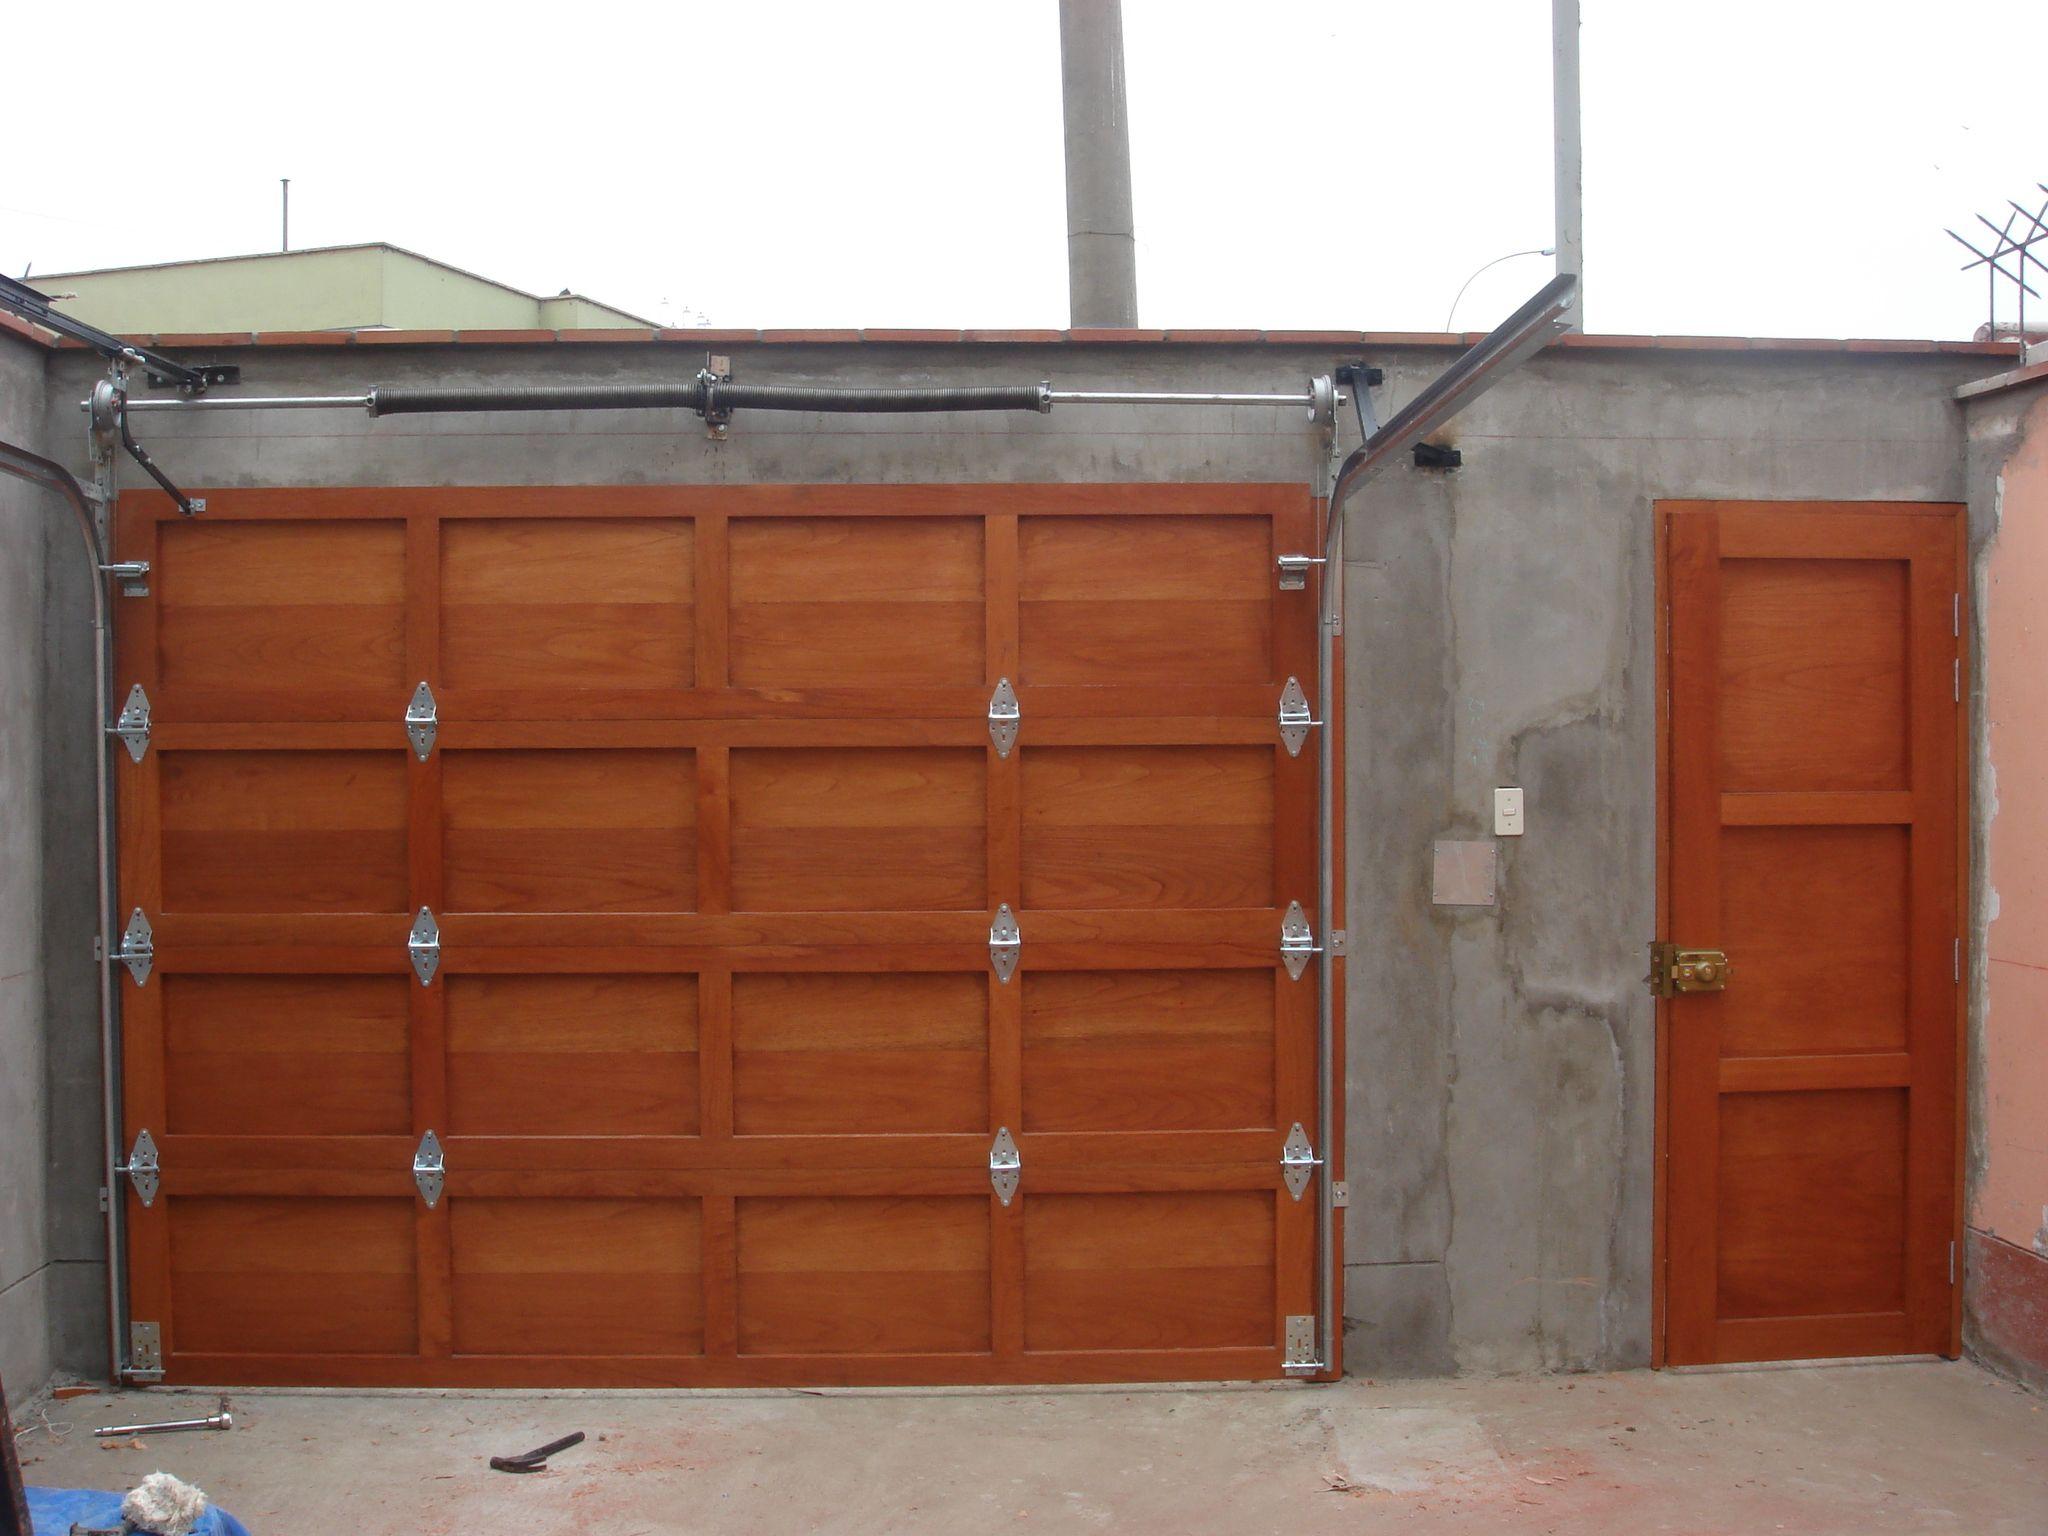 Sistemas seccionales para puertas de garaje precios muy econ micos calidad sistemas - Motores puertas automaticas precios ...